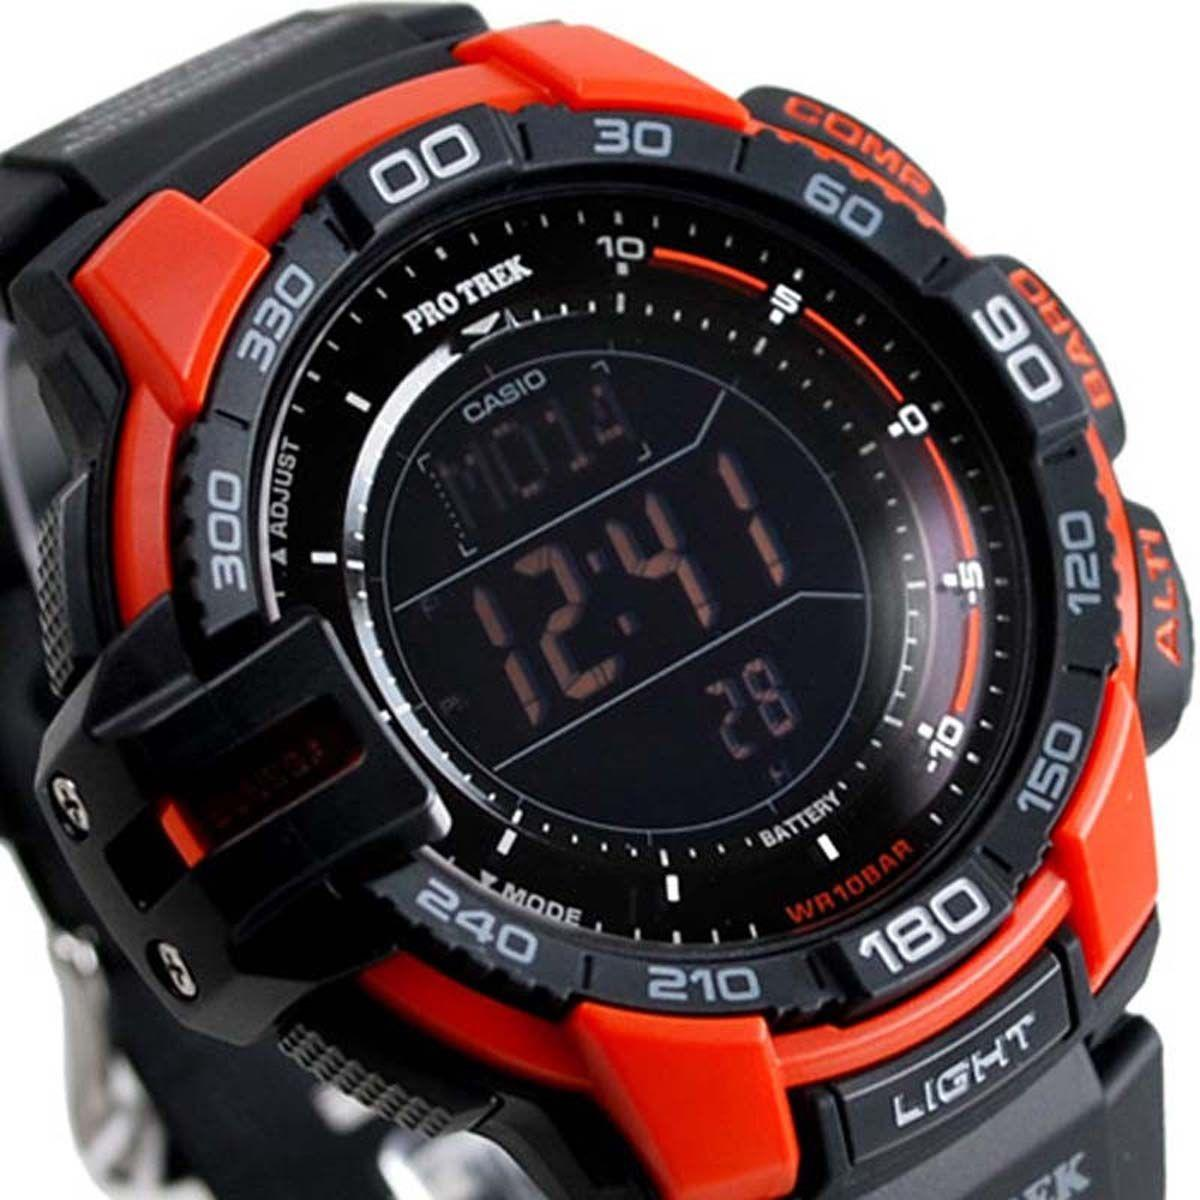 4eec6b0cbc3 Relógio Casio ProTrek Triplo Sensor Tough Solar Digital Masculino  PRG-270-4DR Produto não disponível